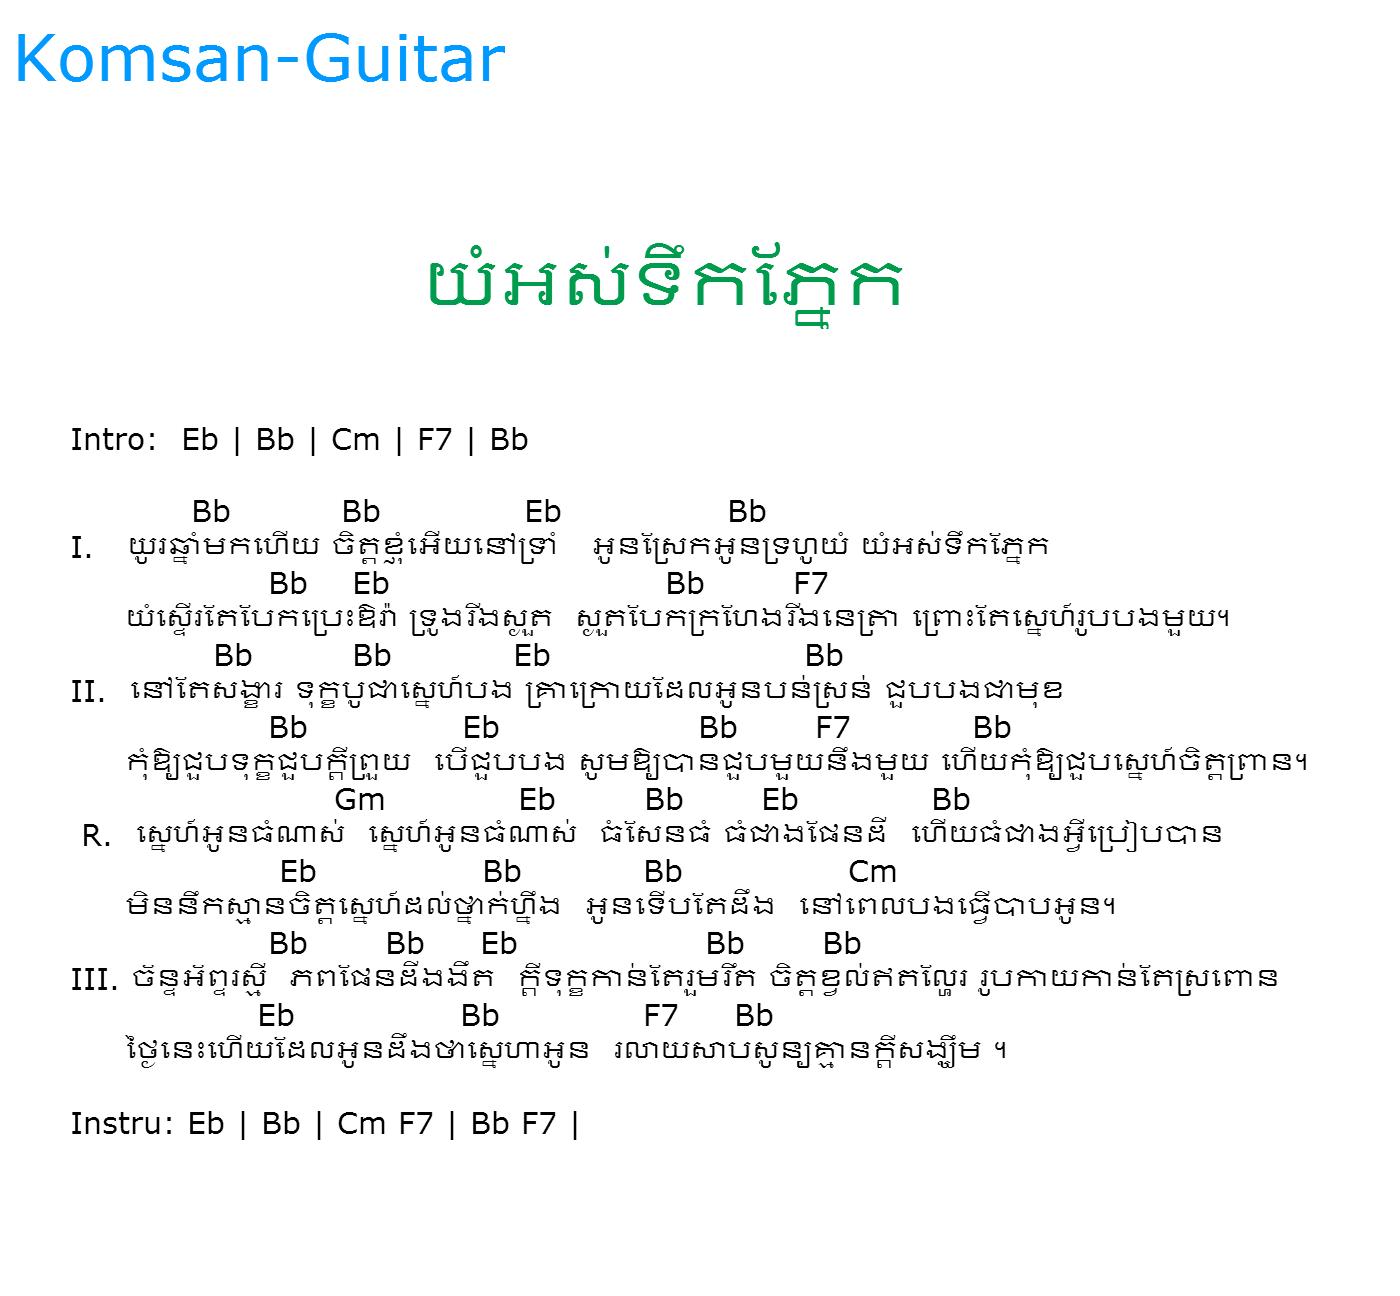 Pov Vannary Yum Os Teuk Pnak Guitar Chords Komsan Guitar